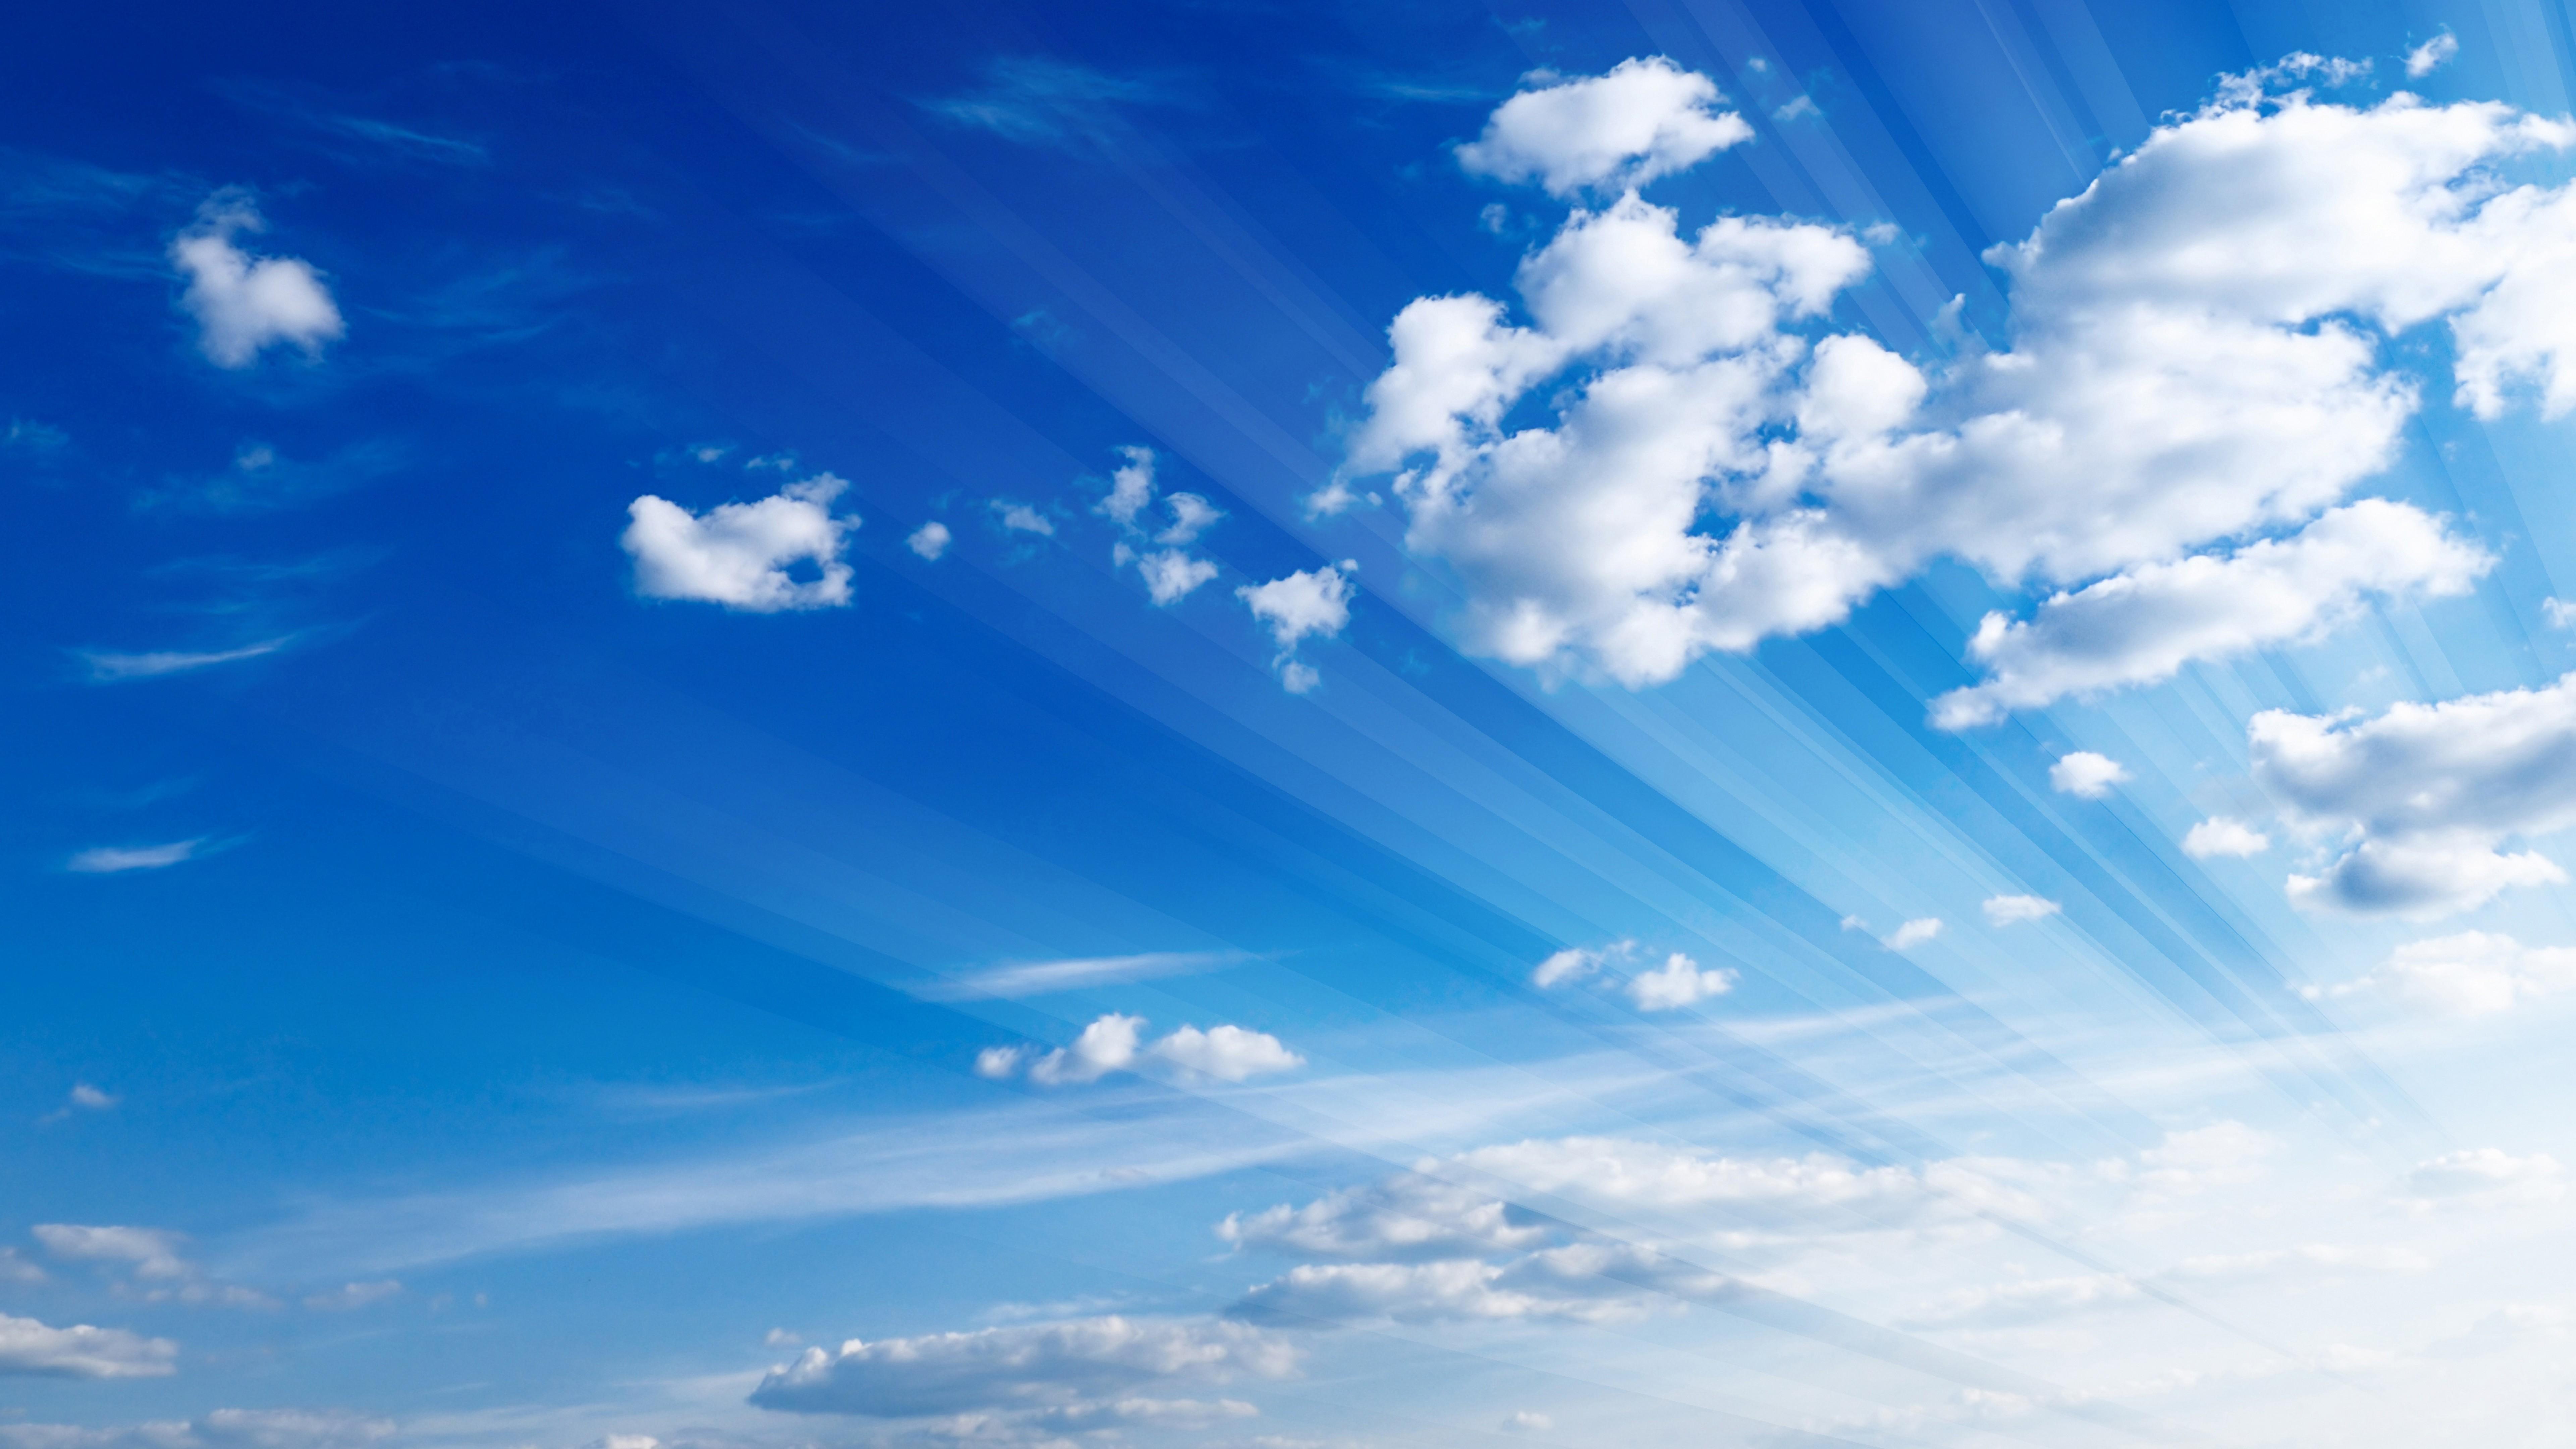 Поздравление днем, открытка с облаками